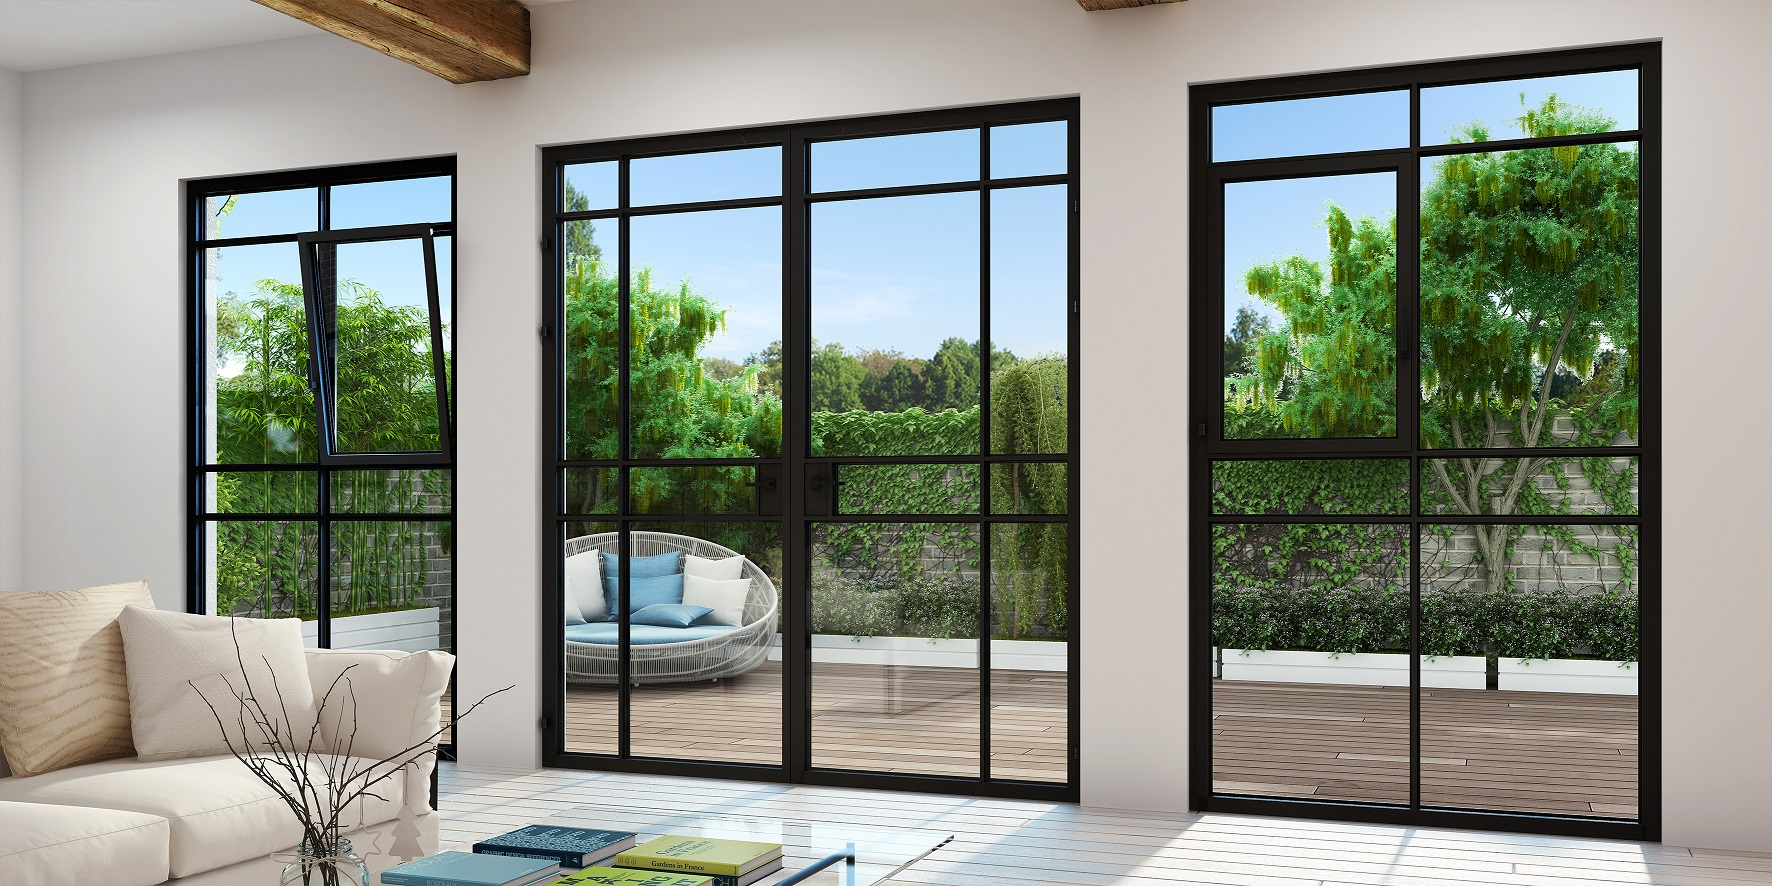 קליל. טרנד החלונות הבלגיים עם המסגרות הדקיקות